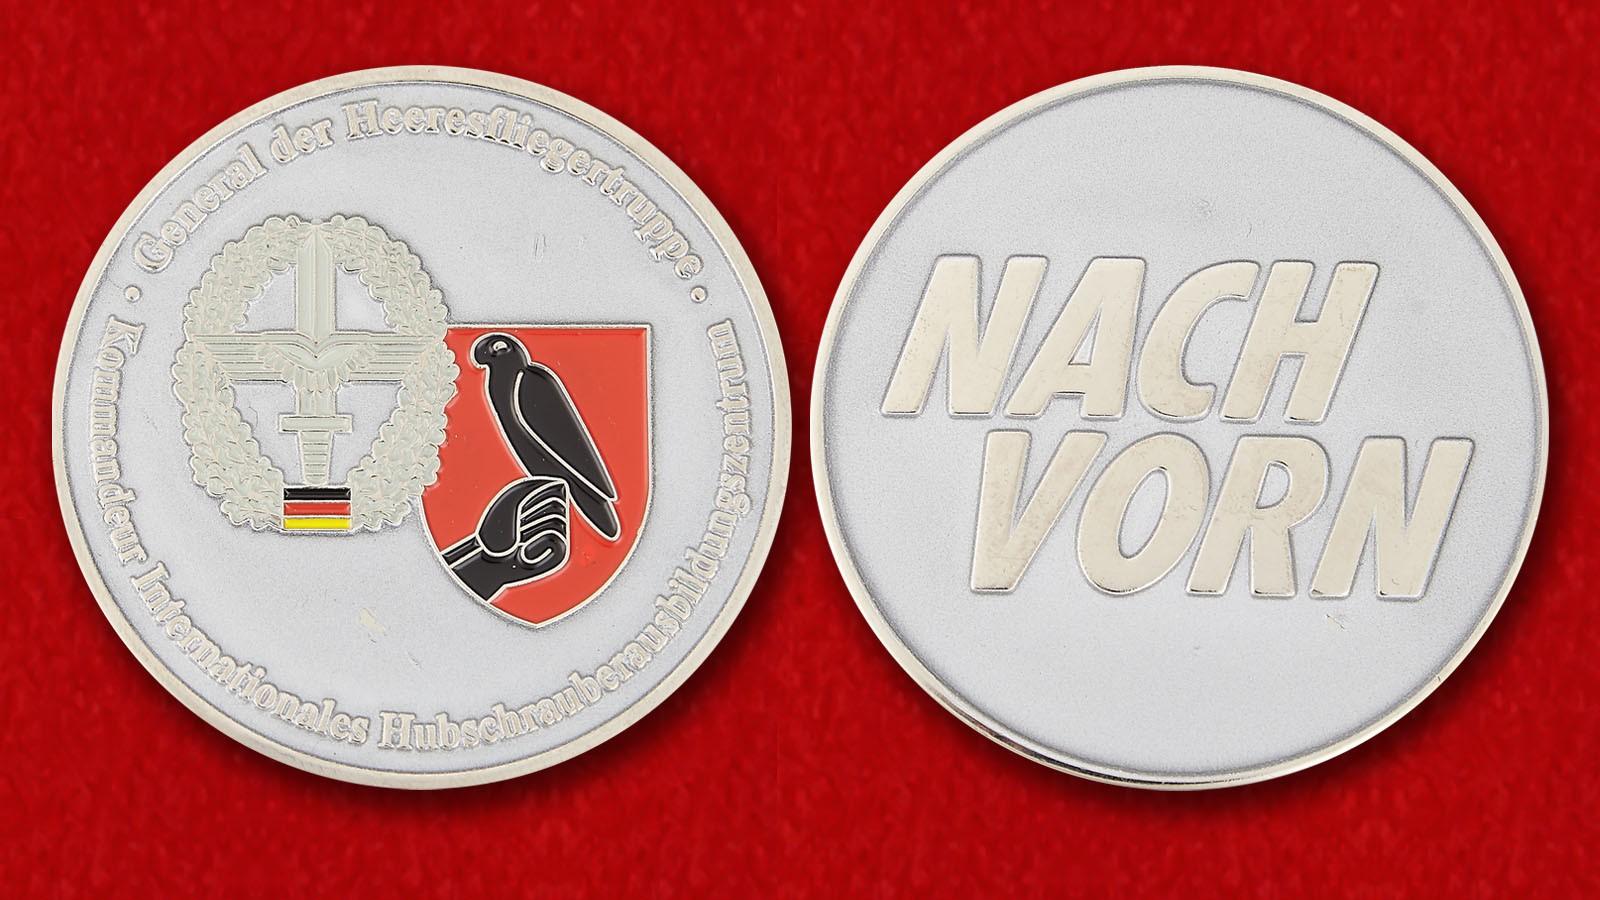 Kommandeur Internationales Hubschrauberausbildungszentrum General der Heeresfliegertruppe Bundeswehr Challenge Coin - both sides